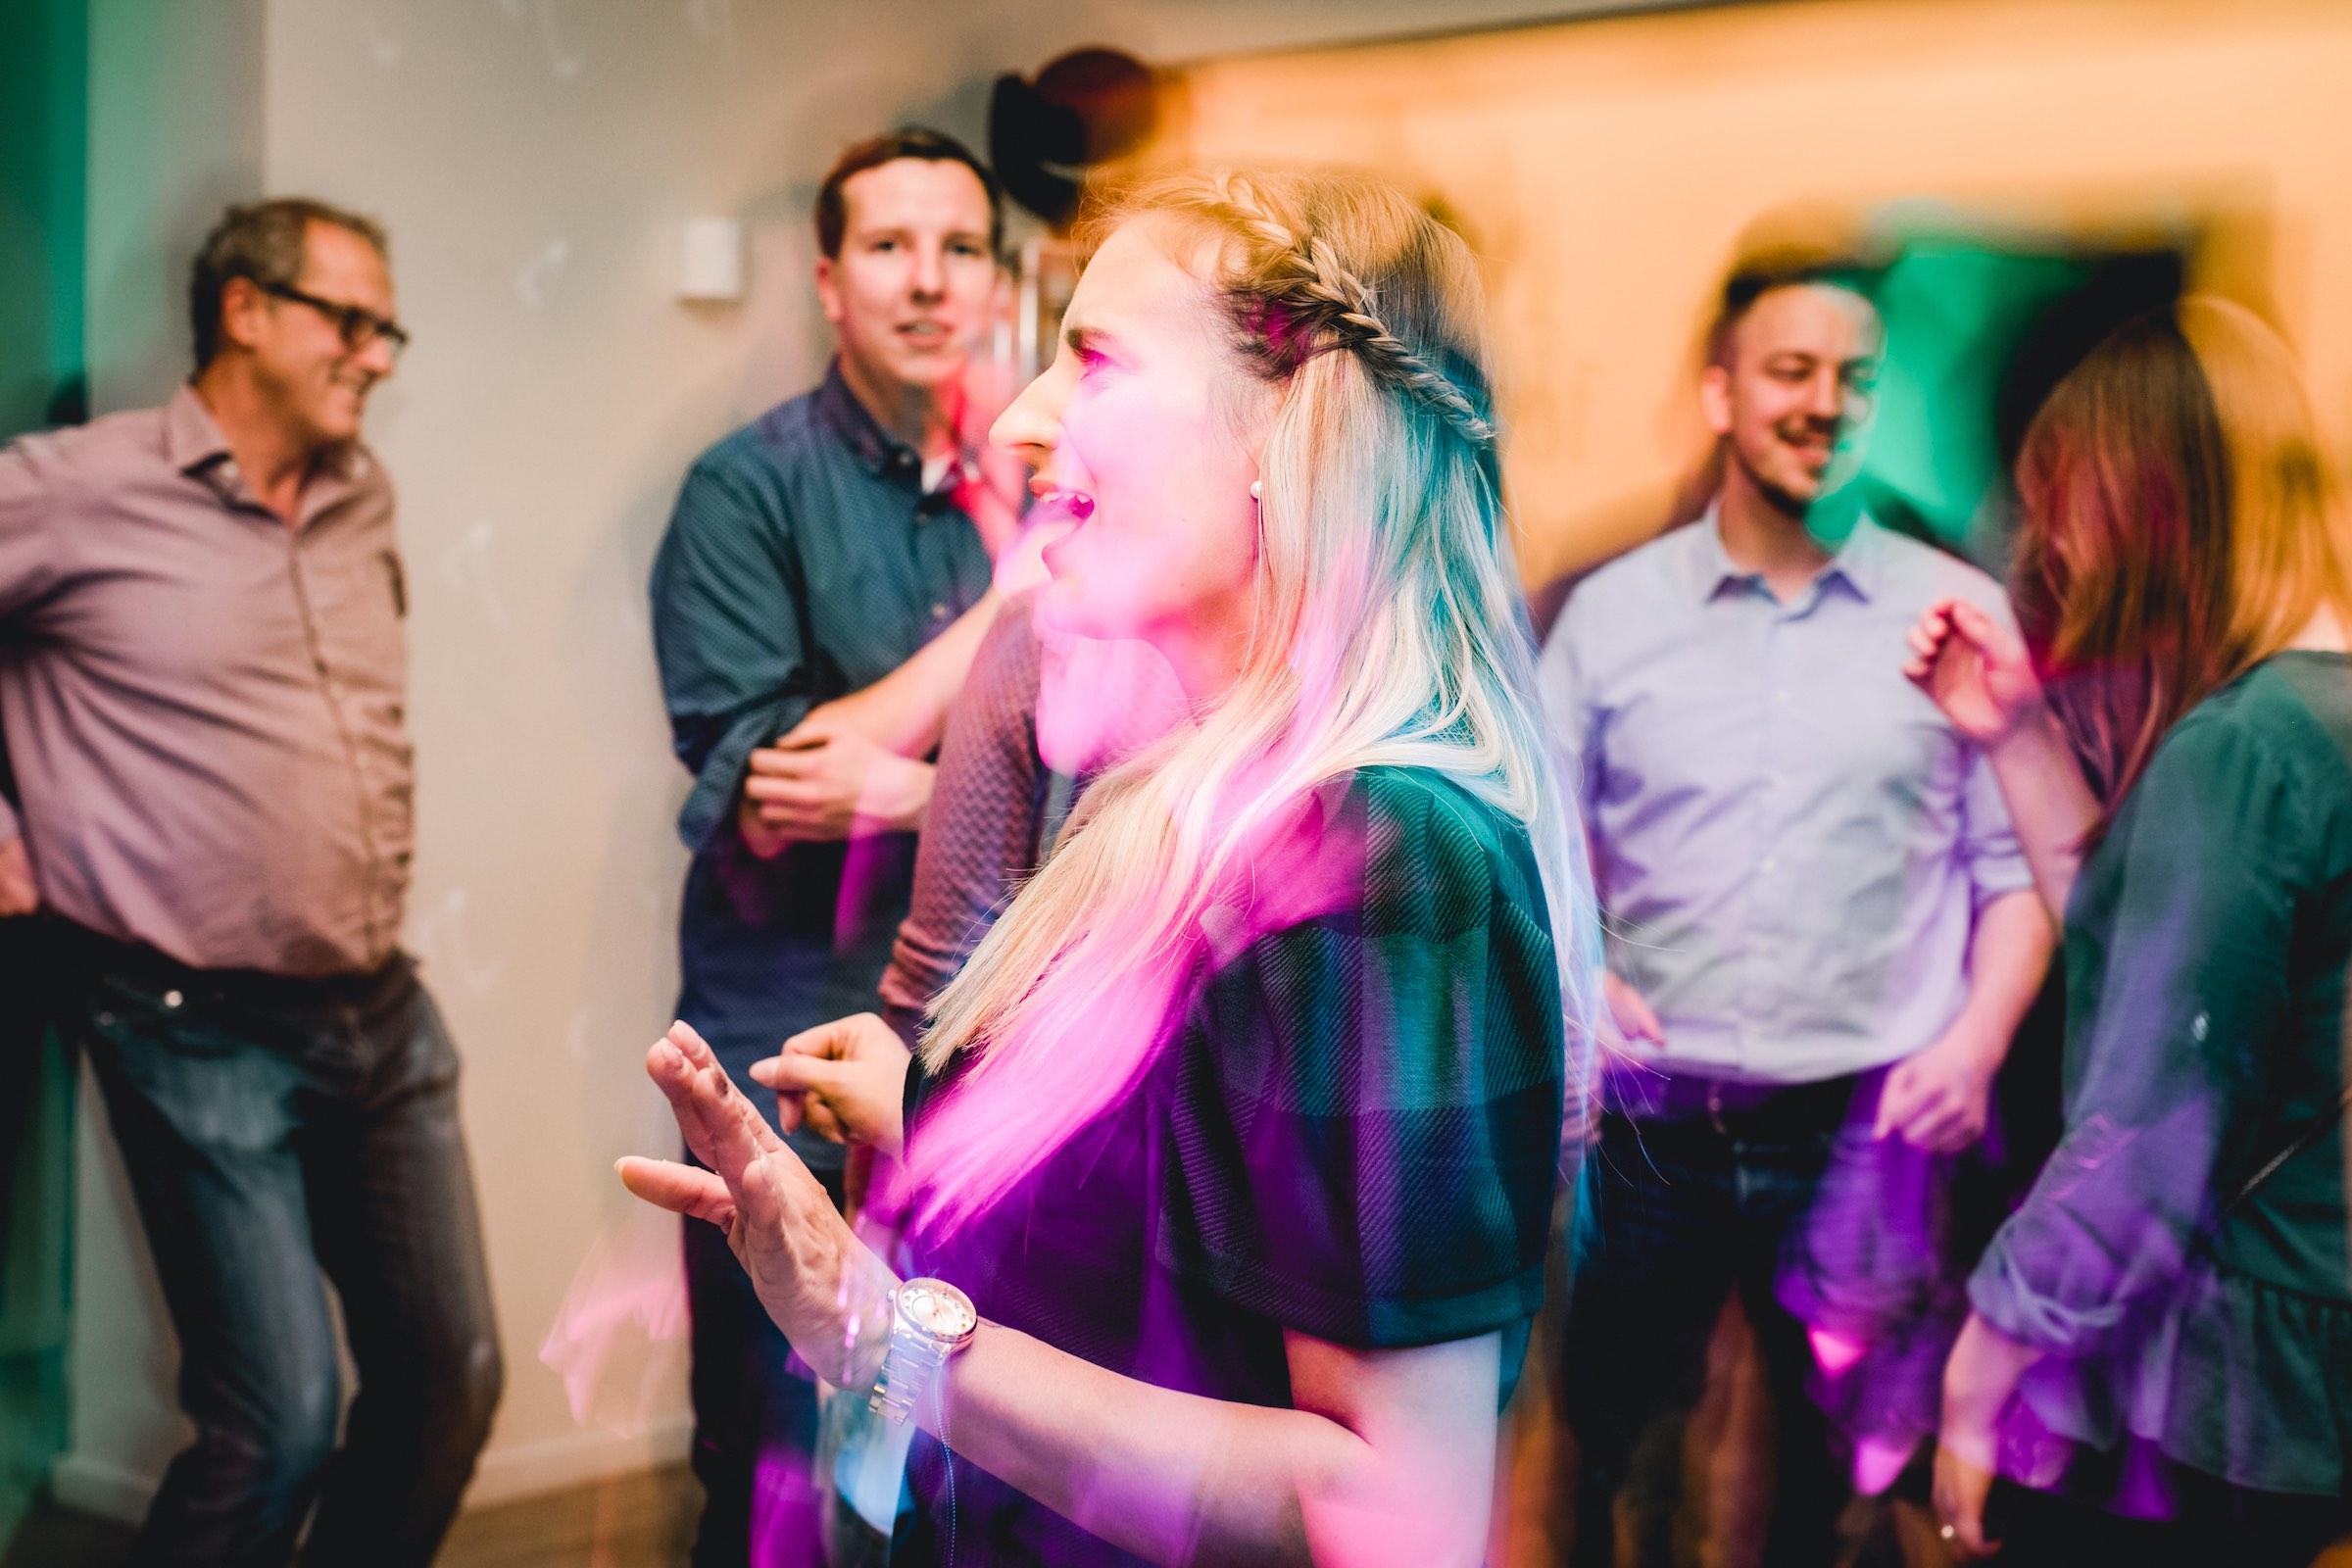 Häserhof | Reddestorf | Location | Referenz | DJ | Service | DJ | Agentur | DJ | Hochzeit | Event | Firmenfeier | Mieten | Buchen | Lehmann | Eventservice